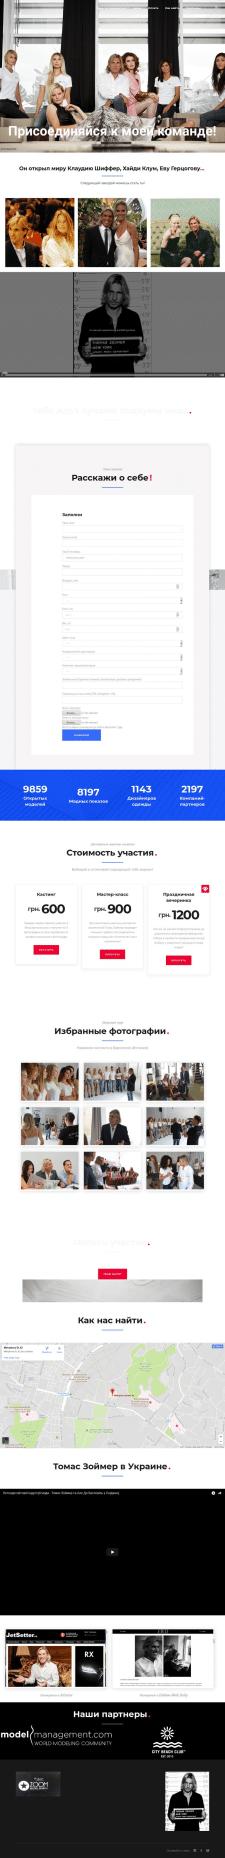 Правки по сайту Zoommodel.com.ua